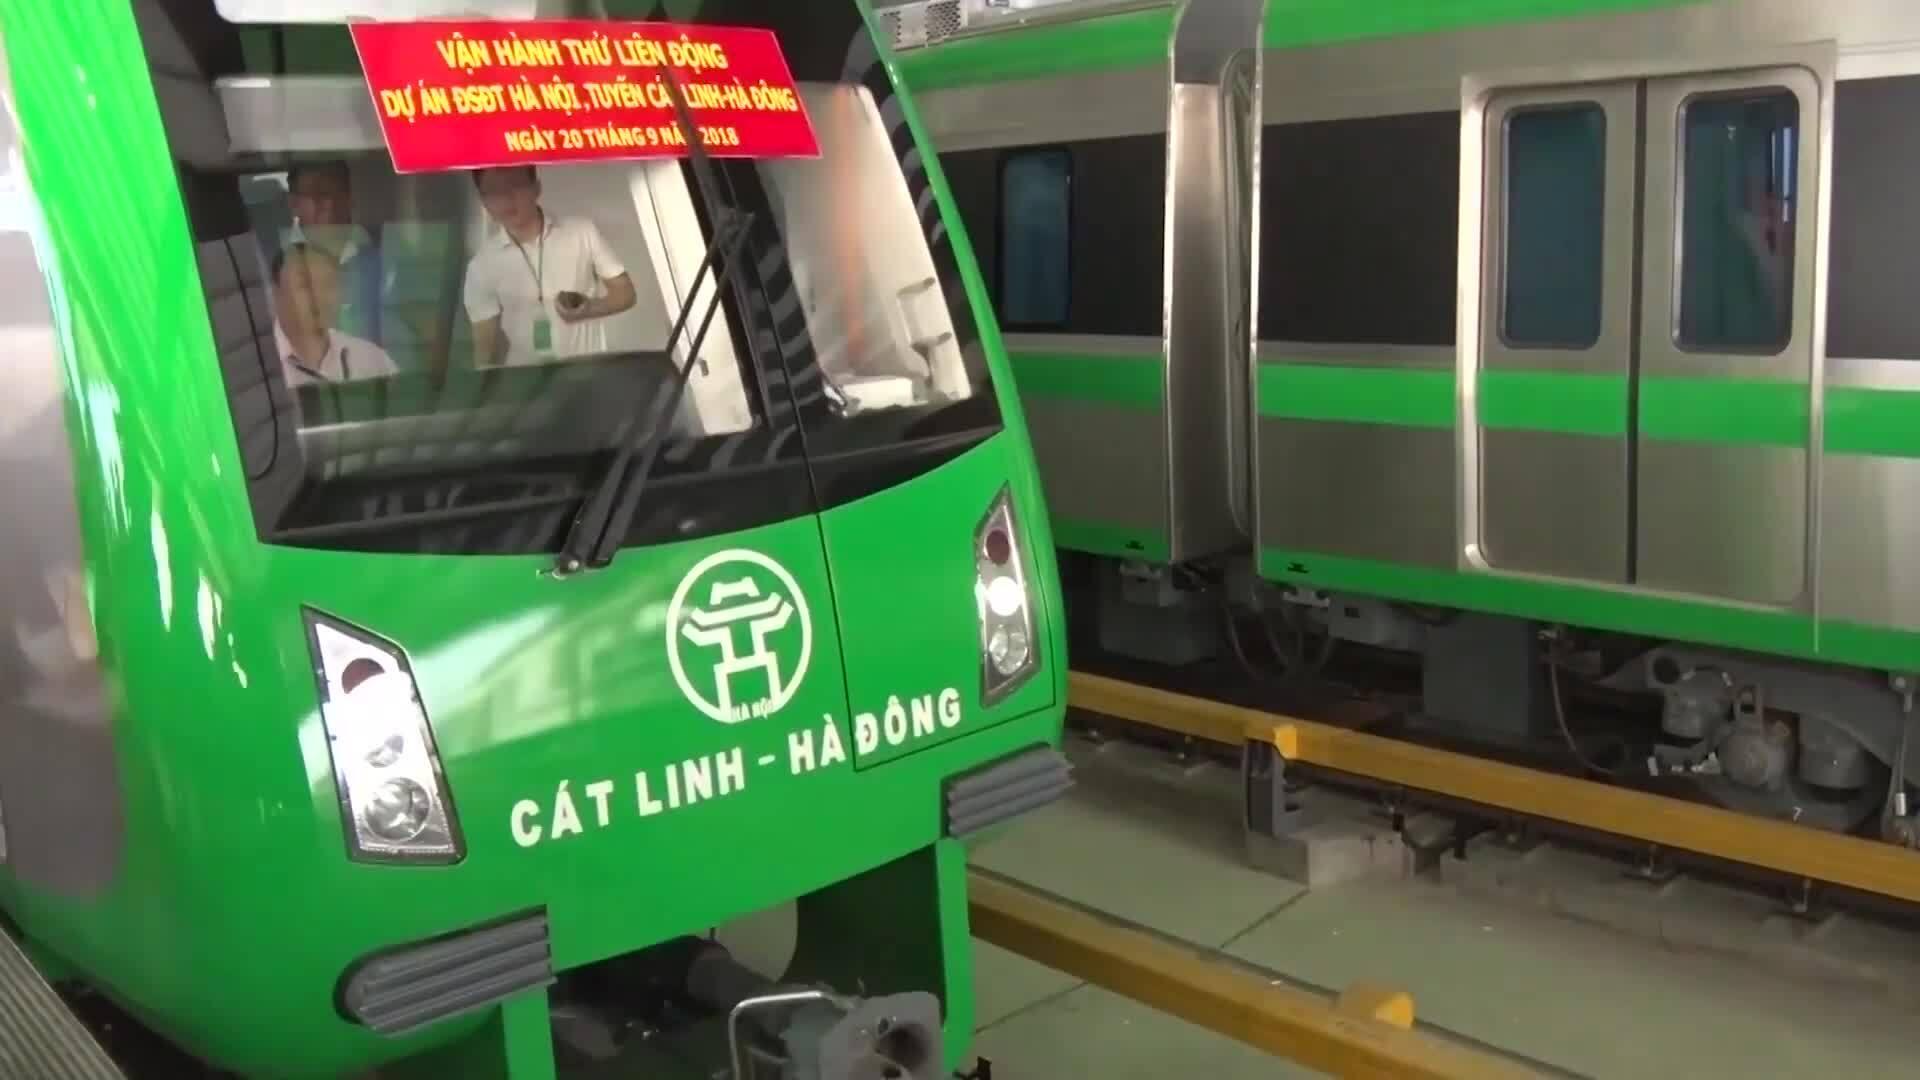 Vận hành đường sắt Cát Linh - Hà Đông tháng 12/12019